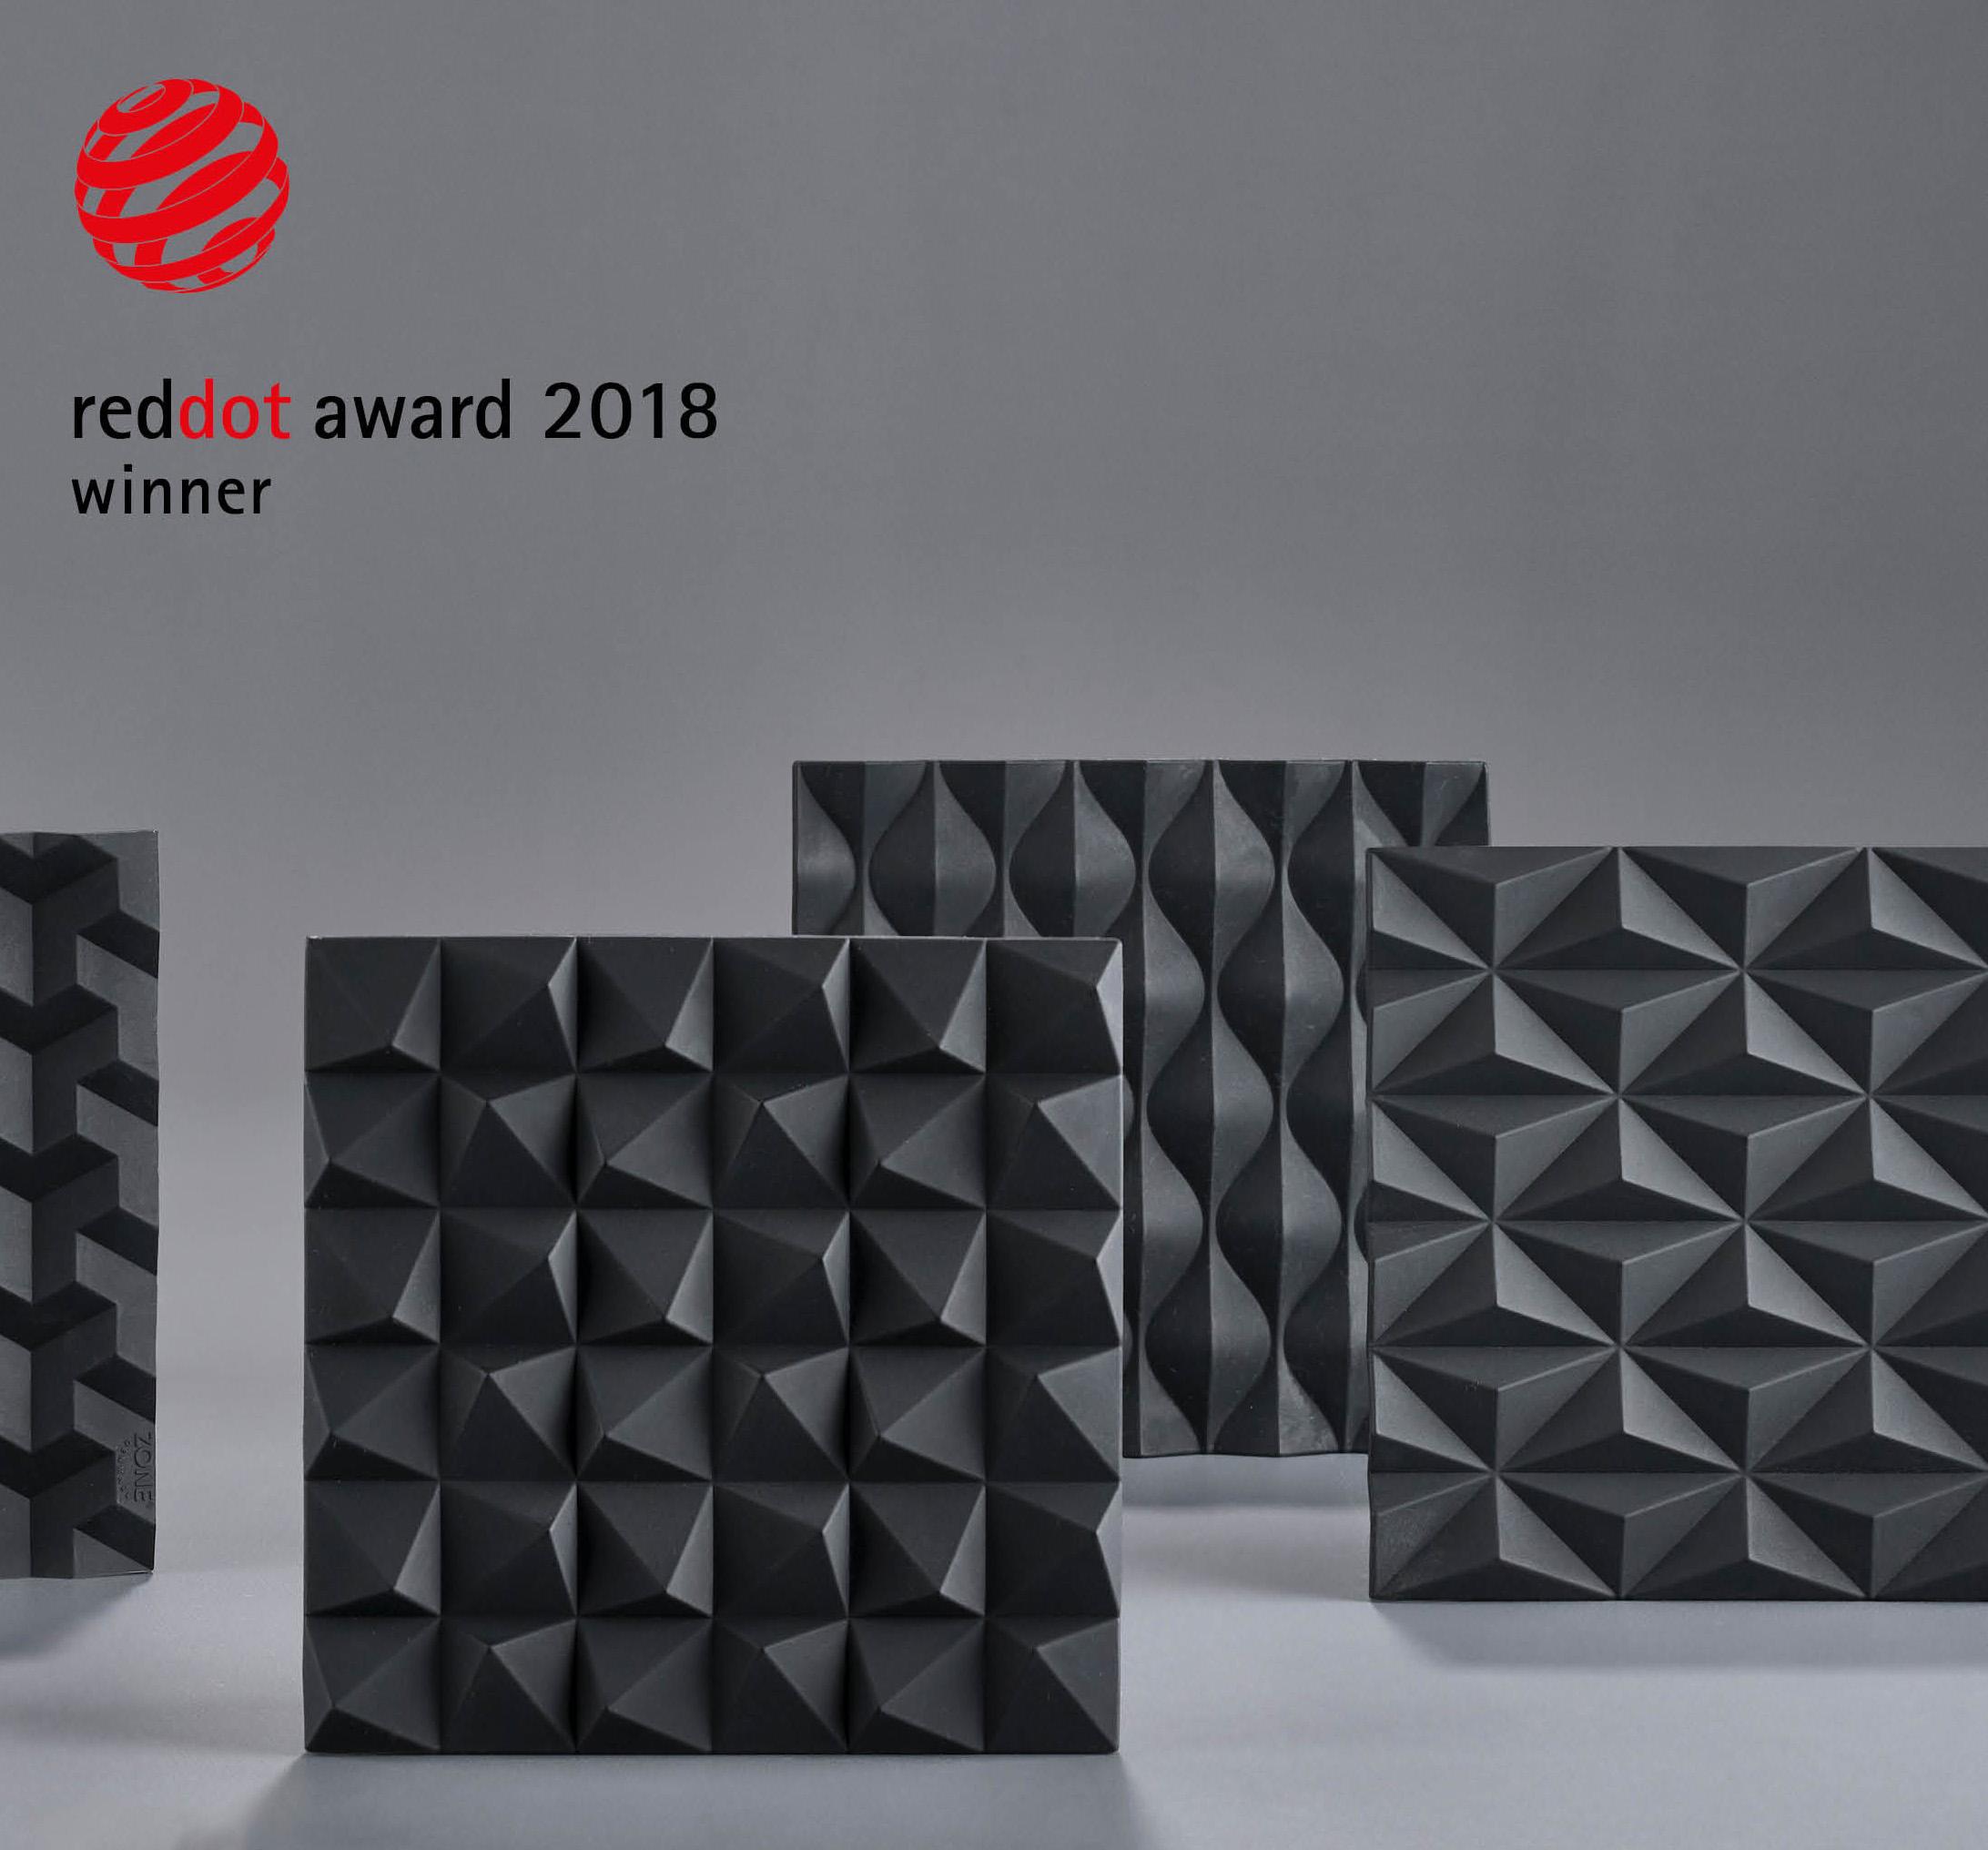 OrigamiReddot2018